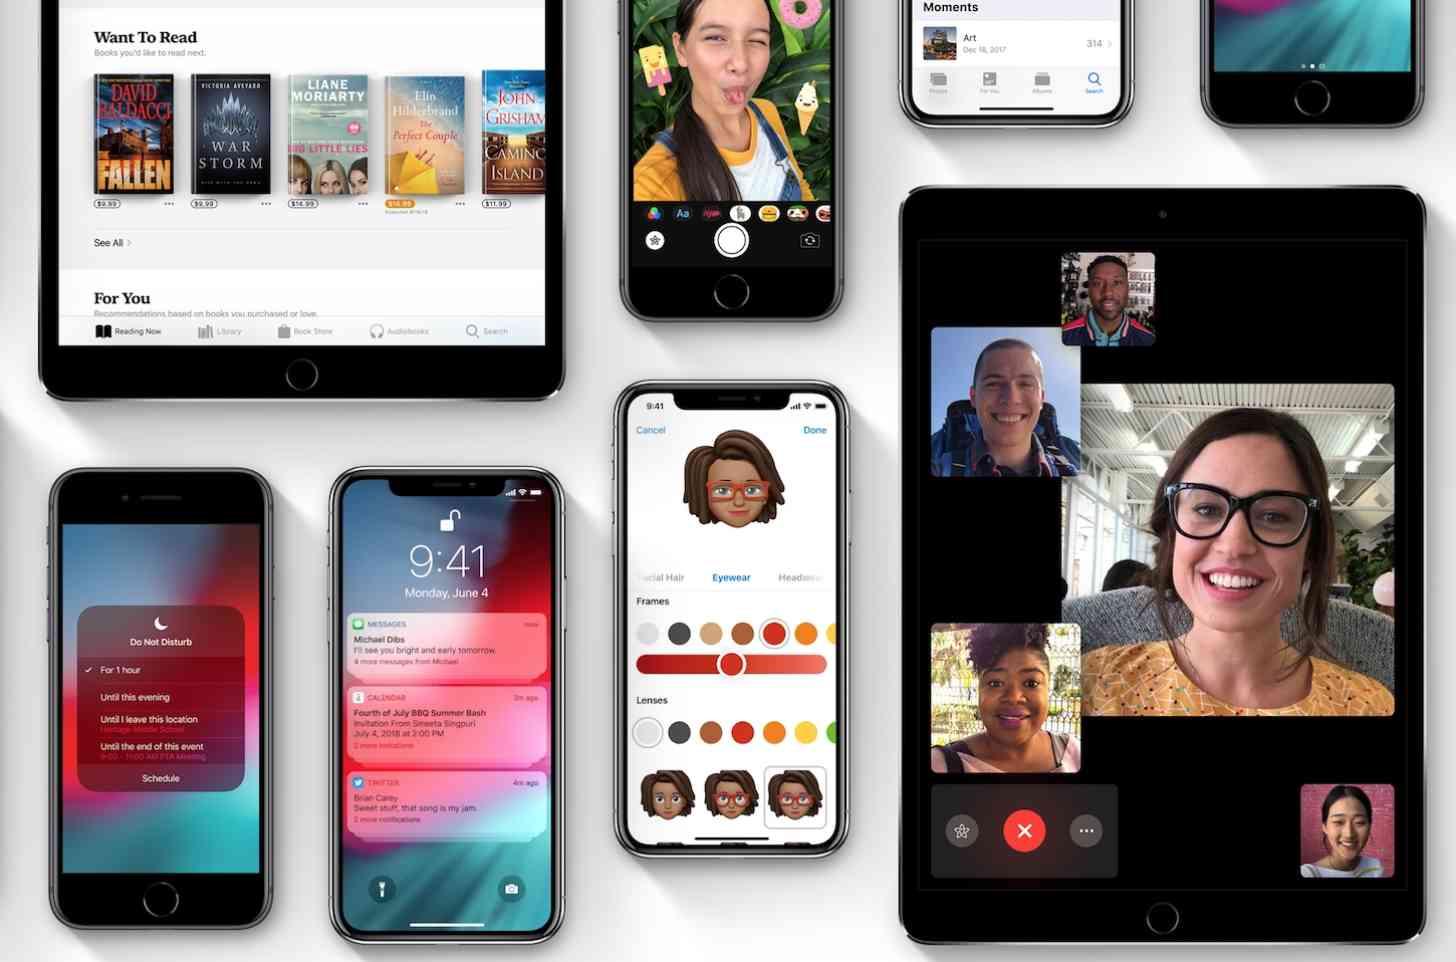 Apple's iOS 12